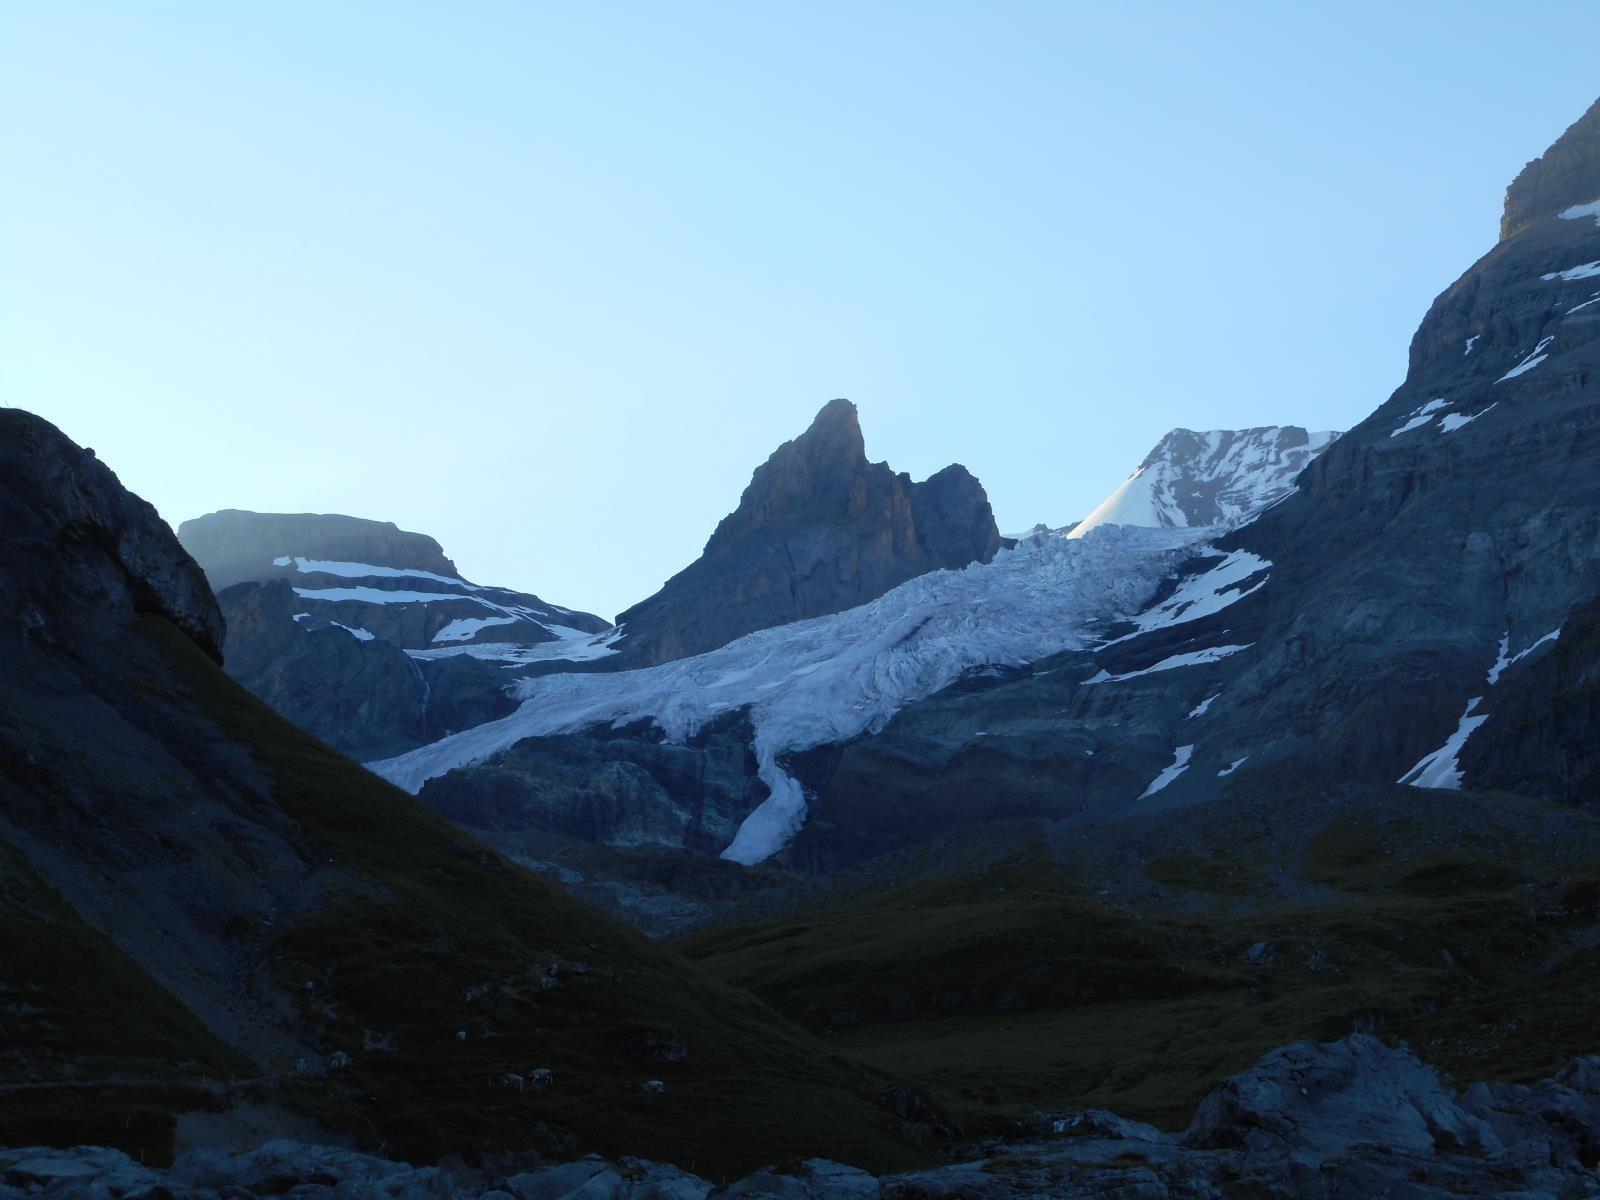 Massif du Dodelhorn (3657m)